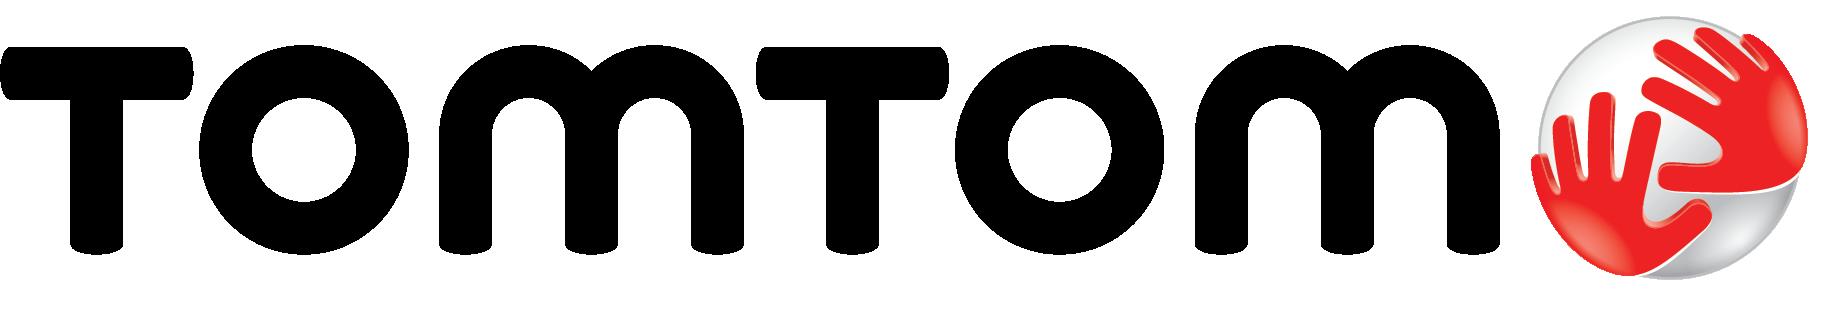 tomtom_logo